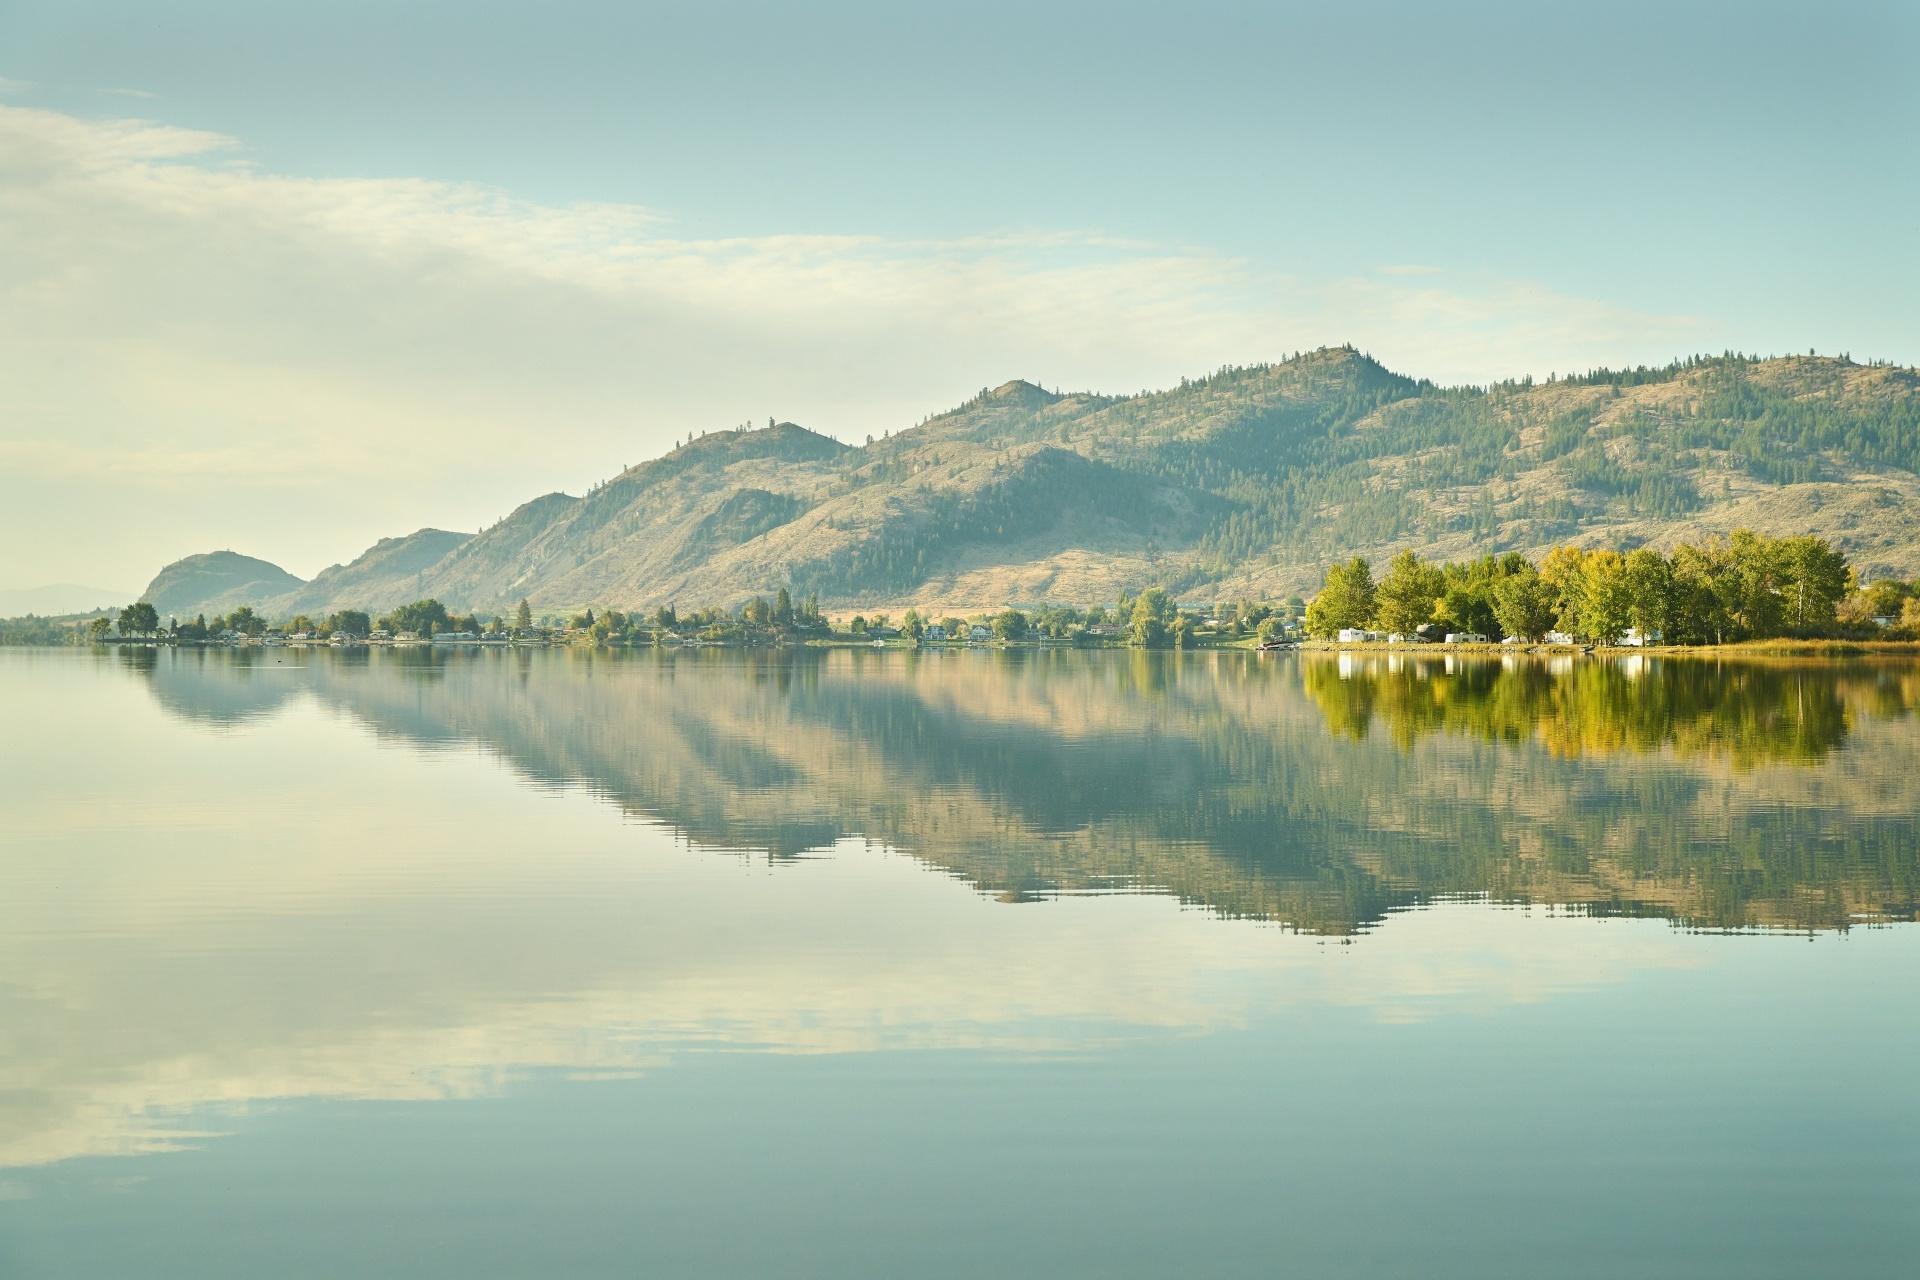 朝のオソイヨーズ湖 カナダの風景